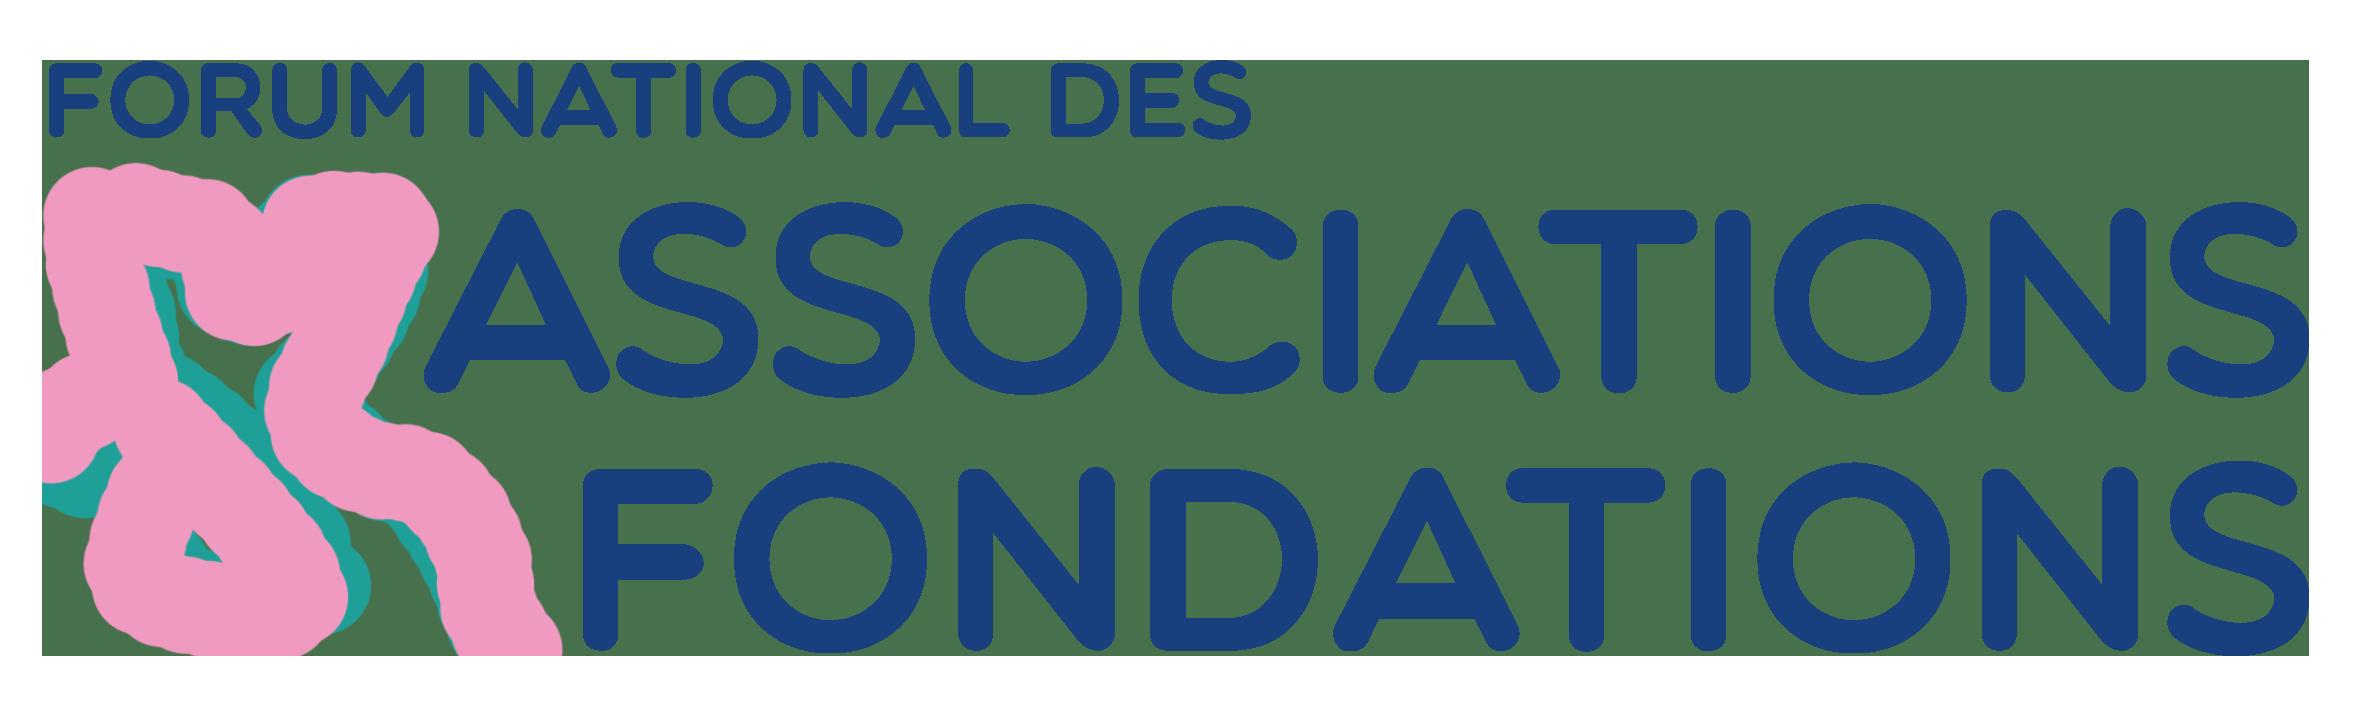 Forum National des Associations et Fondations 2021